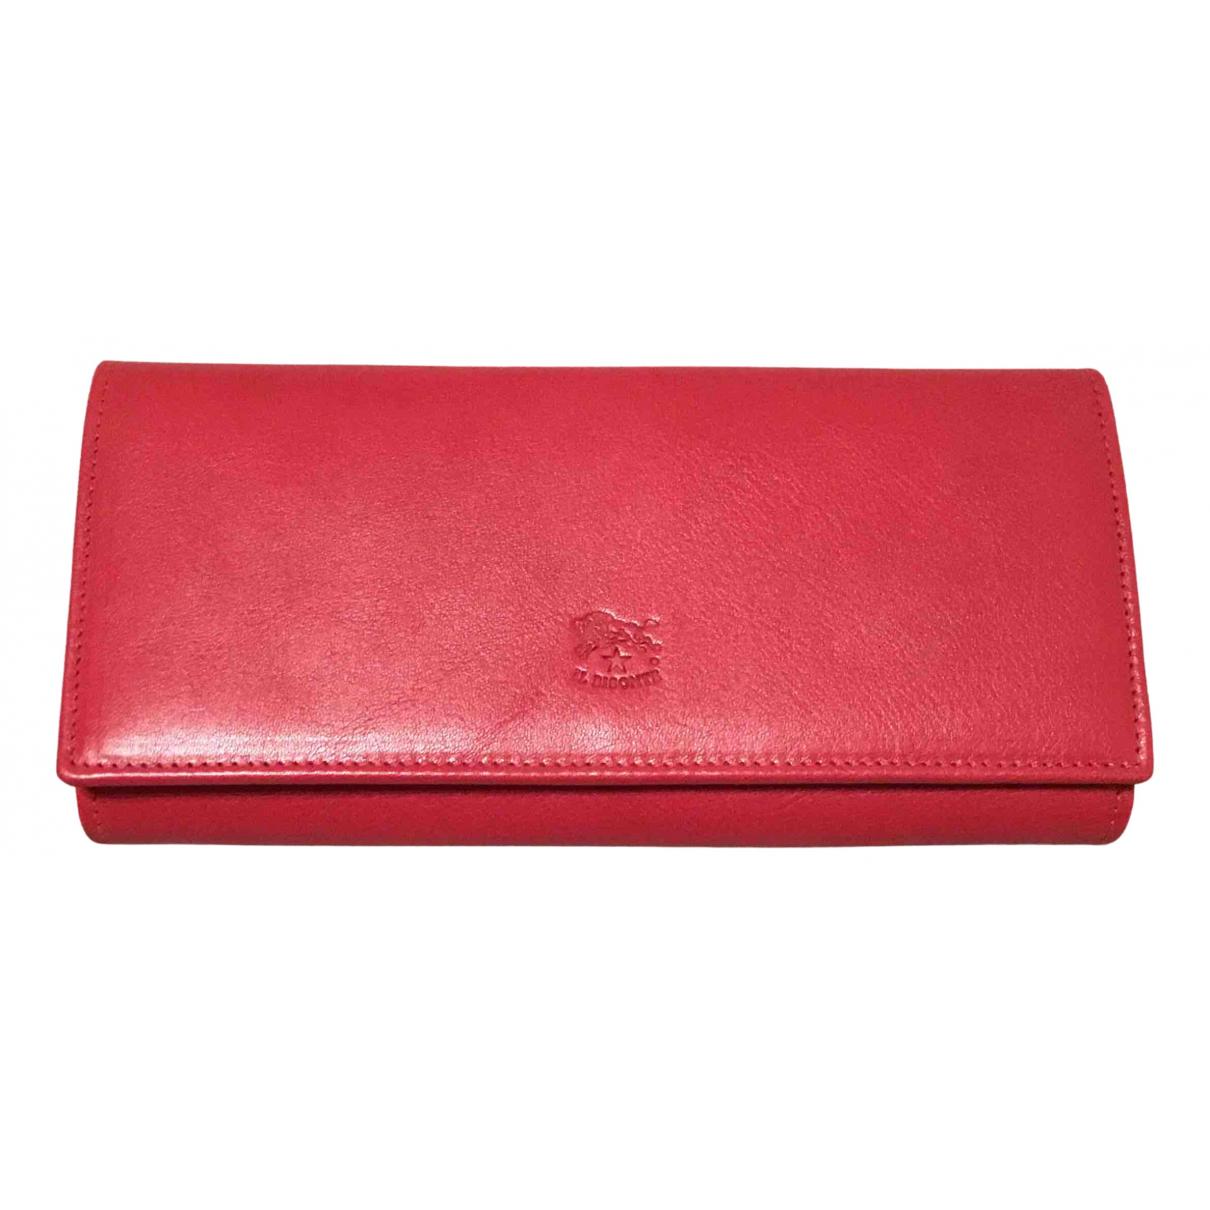 Il Bisonte \N Portemonnaie in  Rot Leder